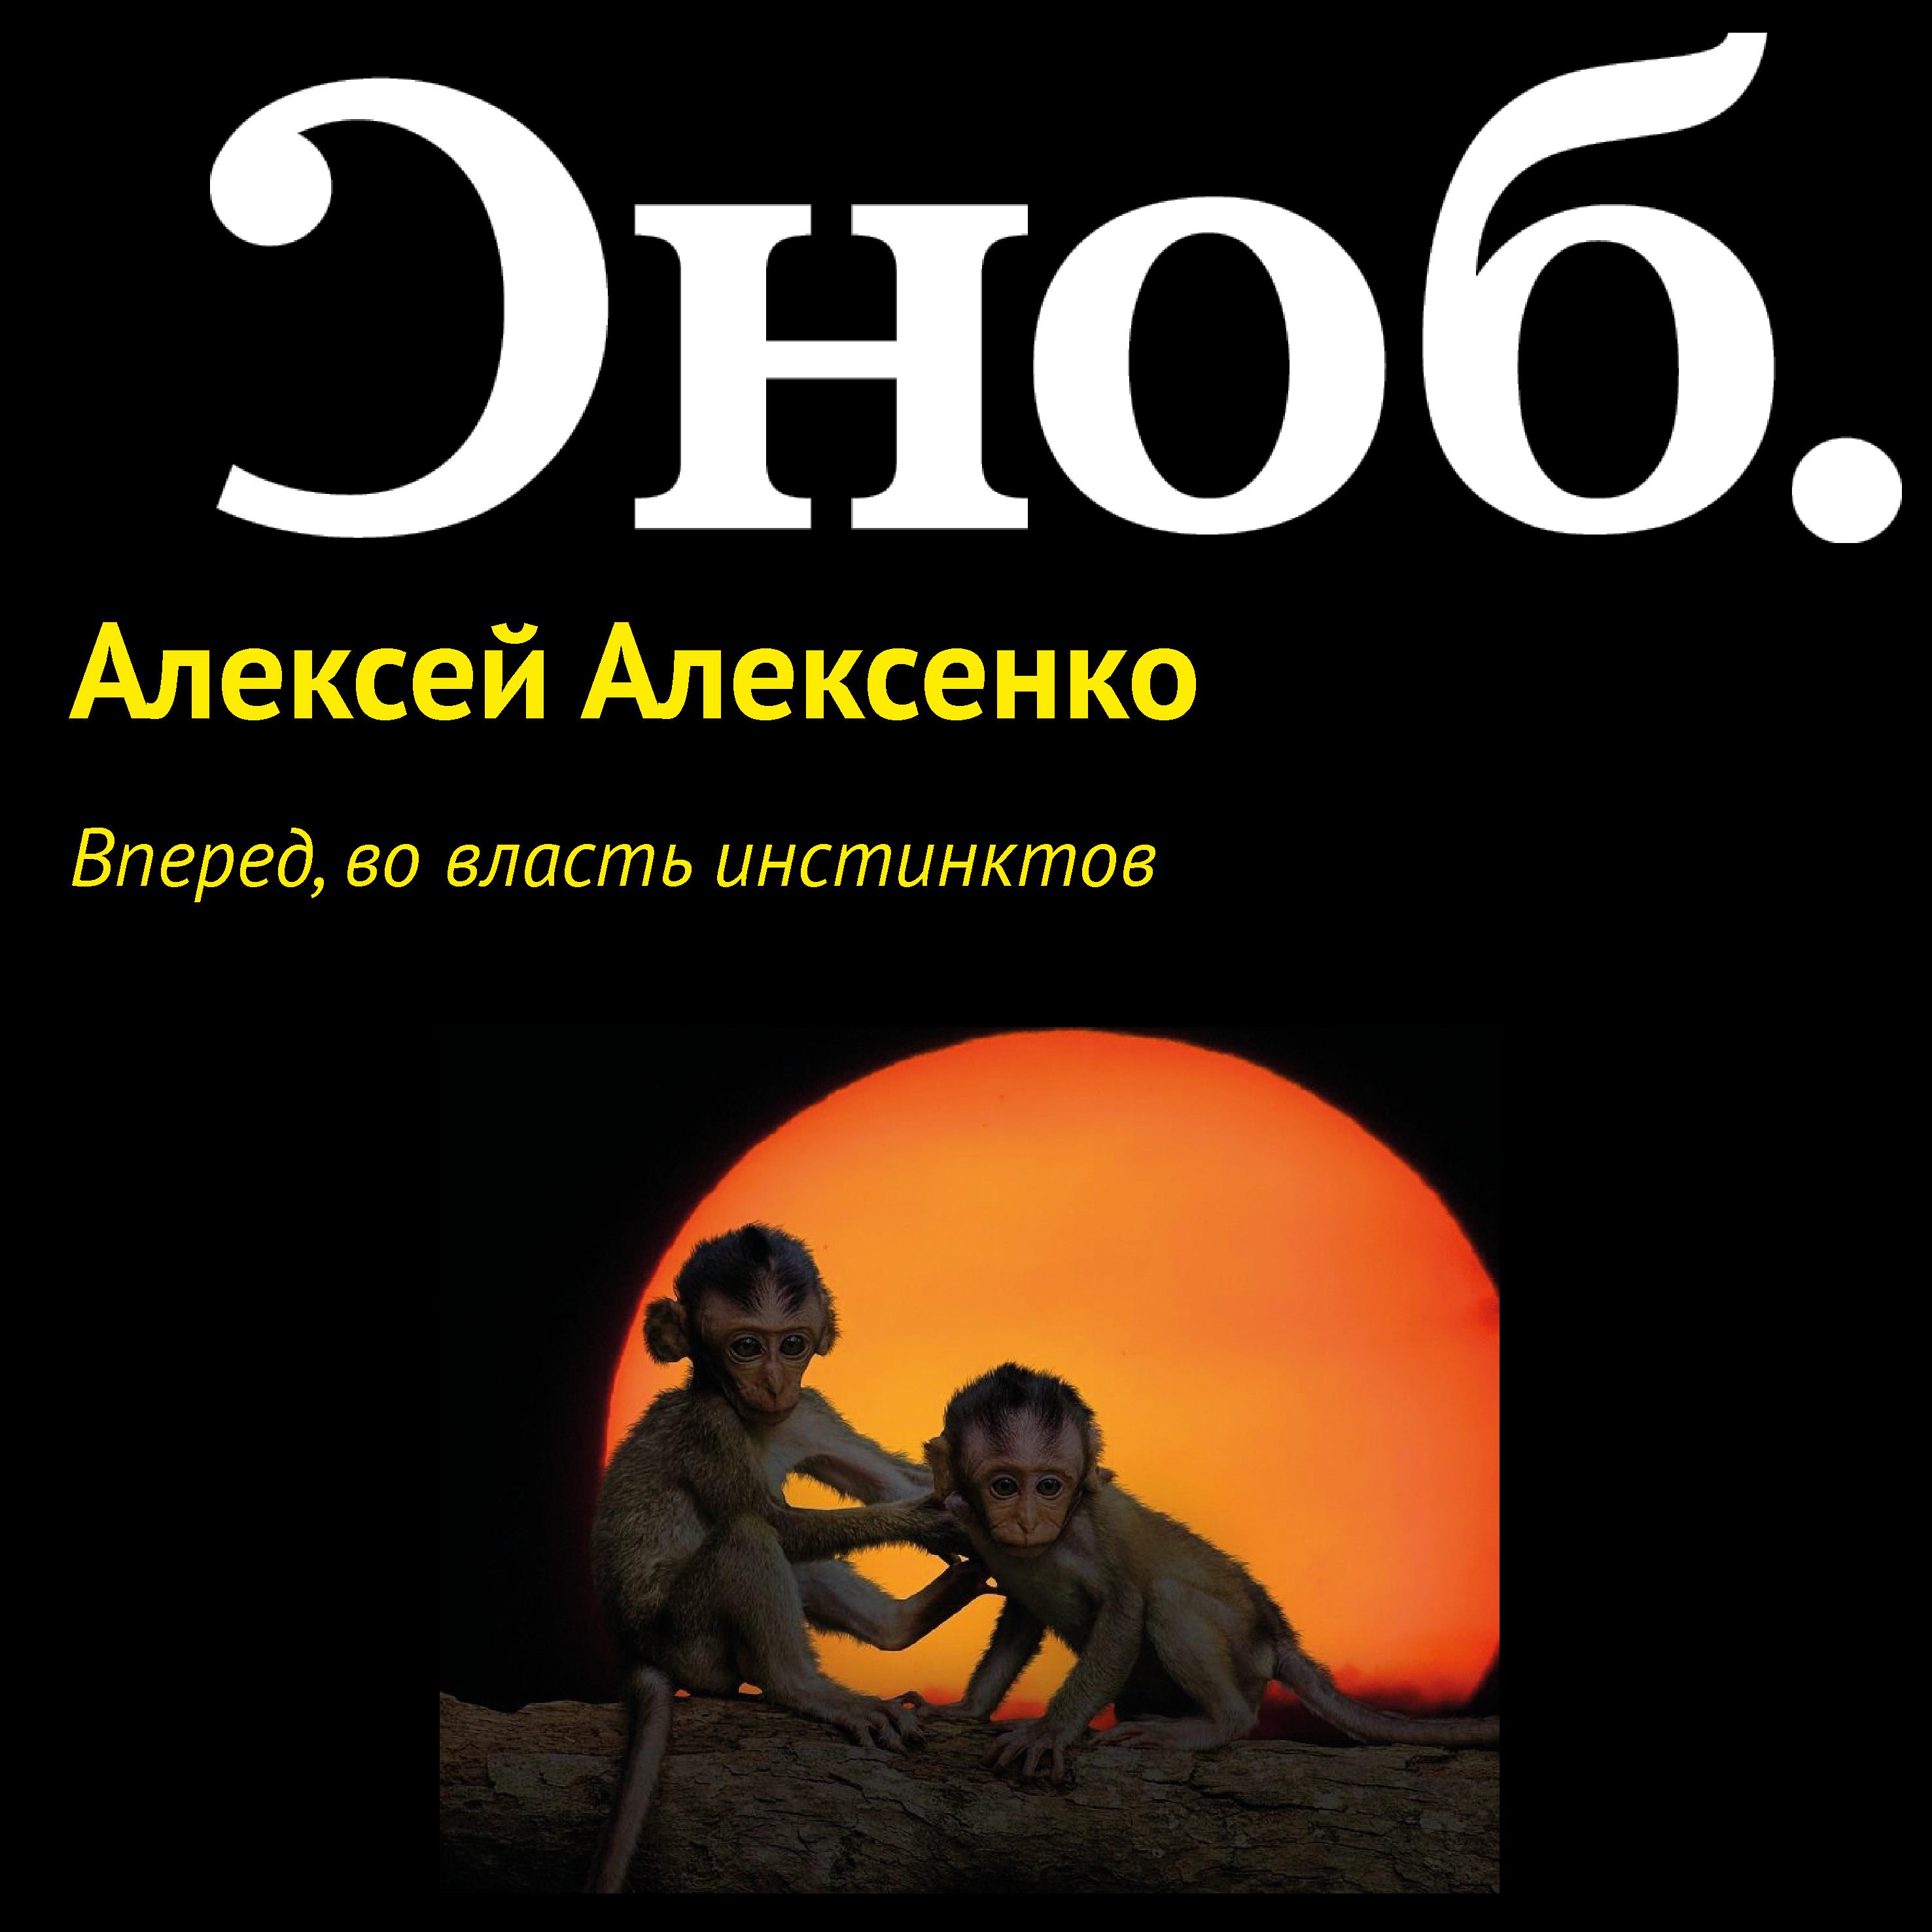 Алексей Алексенко Вперед, во власть инстинктов алексей алексенко сексуальный голос и притягательность разума